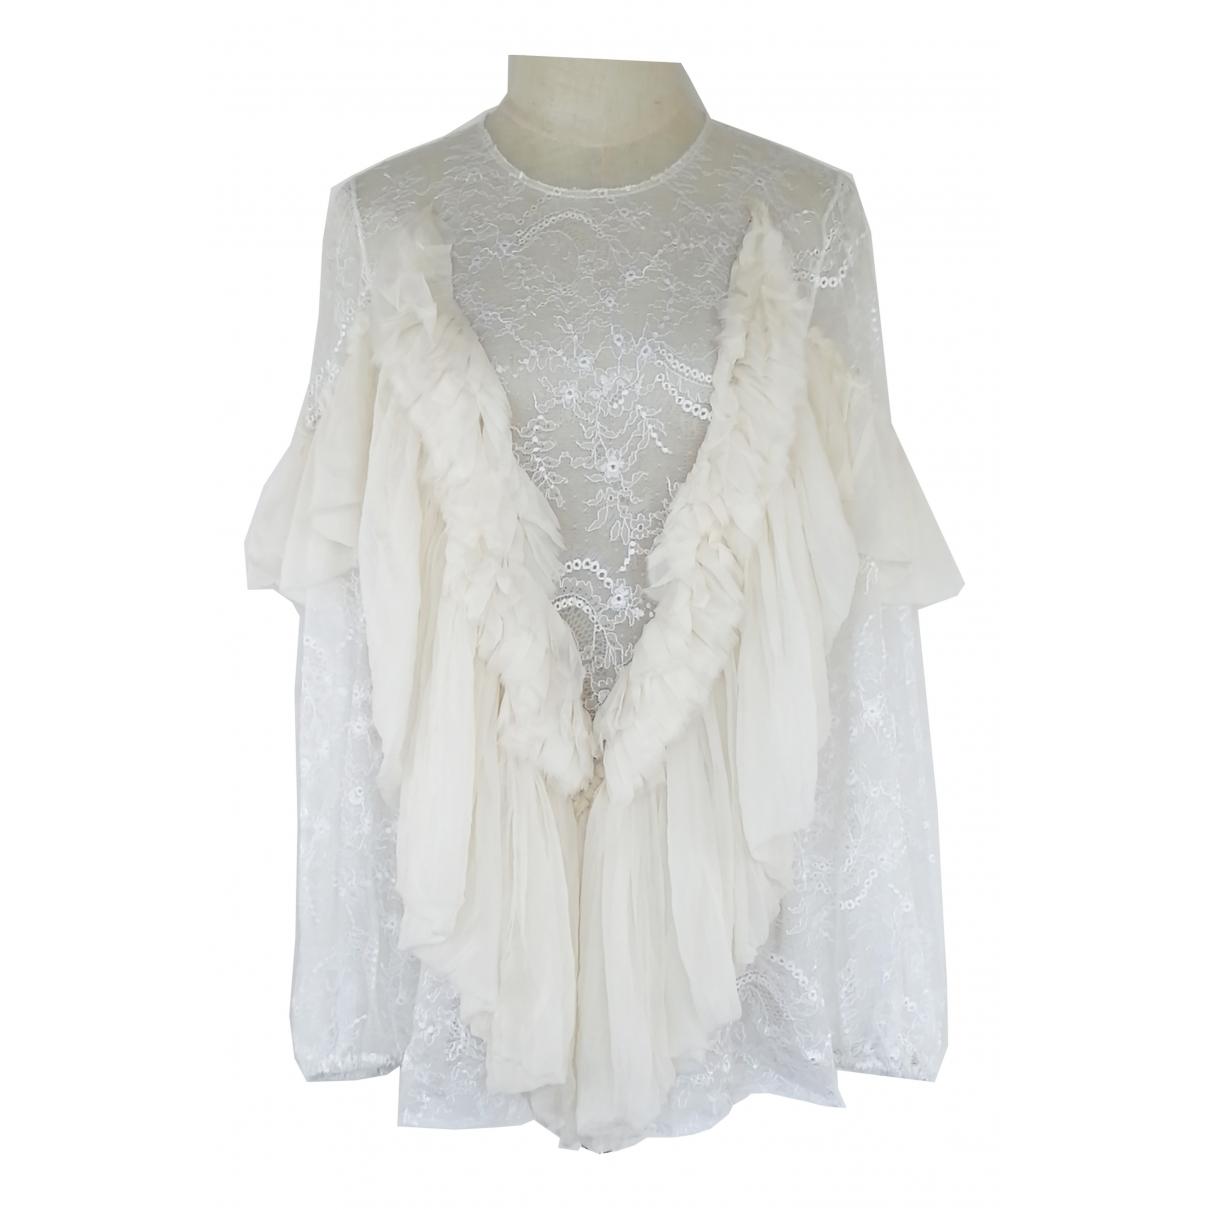 Givenchy - Top   pour femme en dentelle - blanc